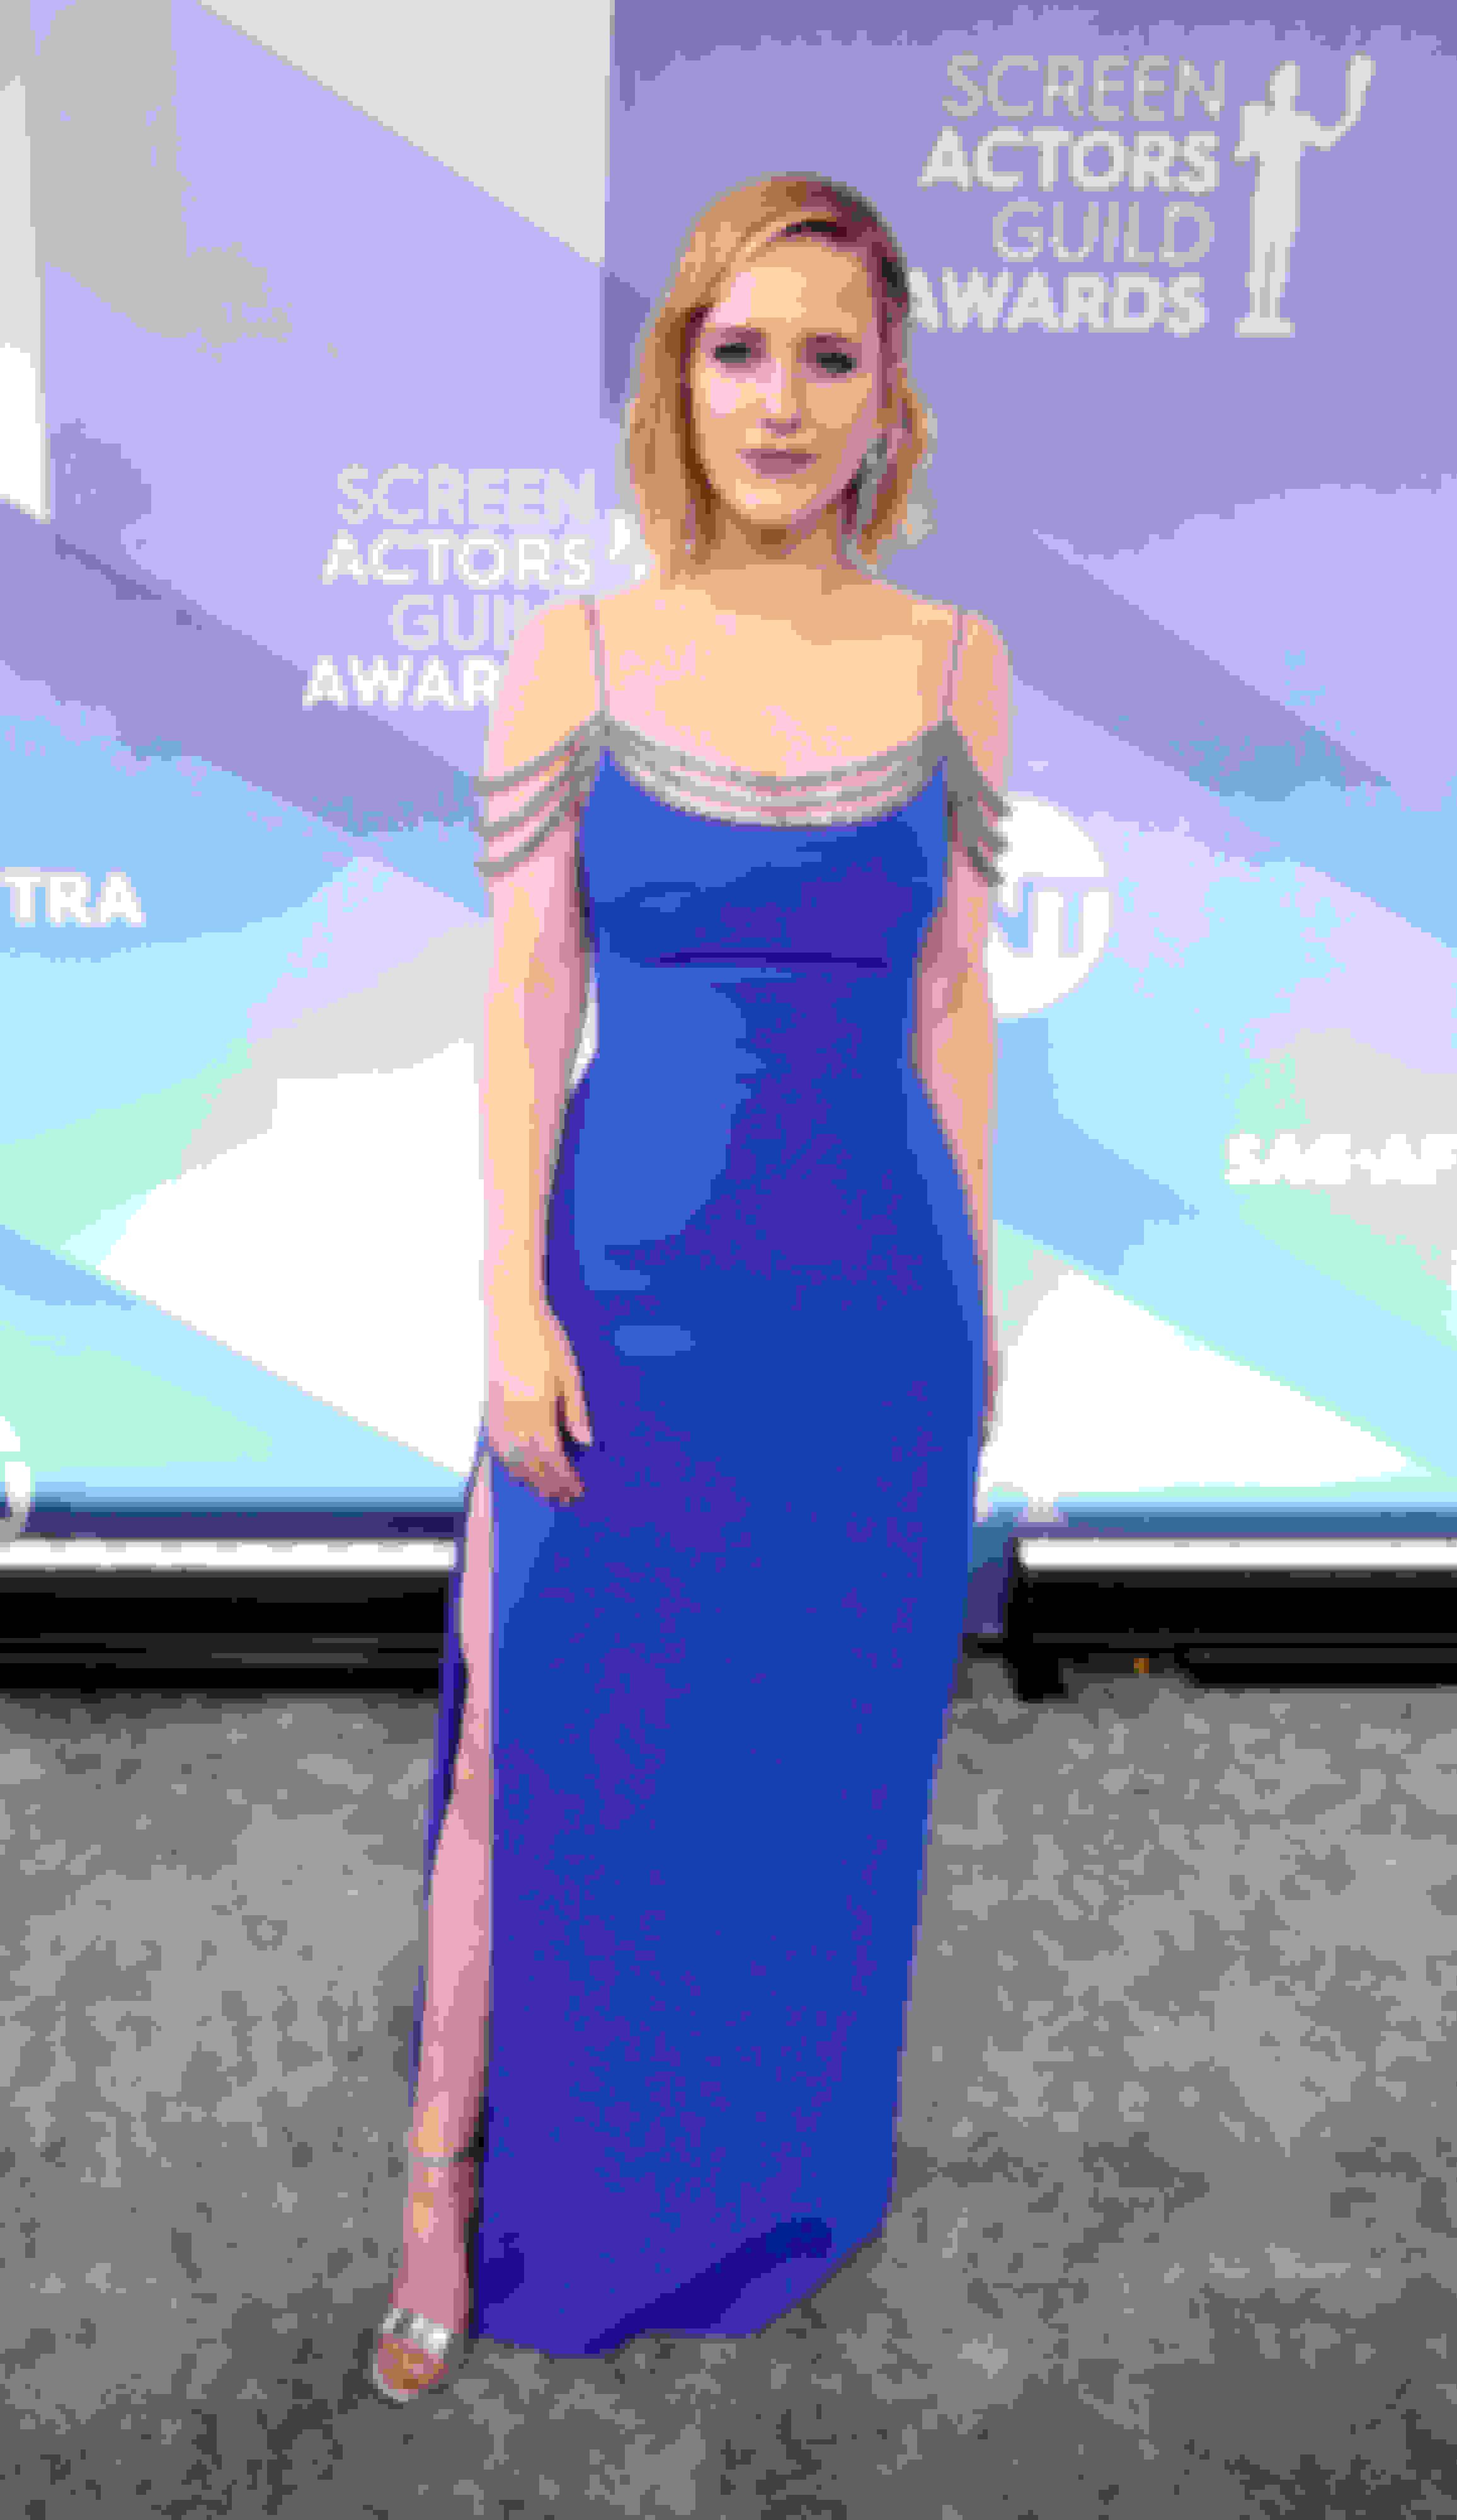 Rachel Brosnahan wearing KAYLEE